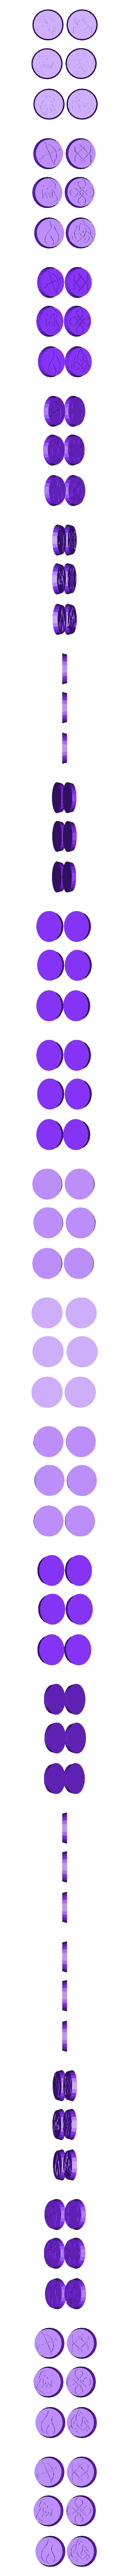 Mini_Bases_symbols_part3.stl Télécharger fichier STL gratuit Bases Collection _Symboles • Design à imprimer en 3D, 3D-mon